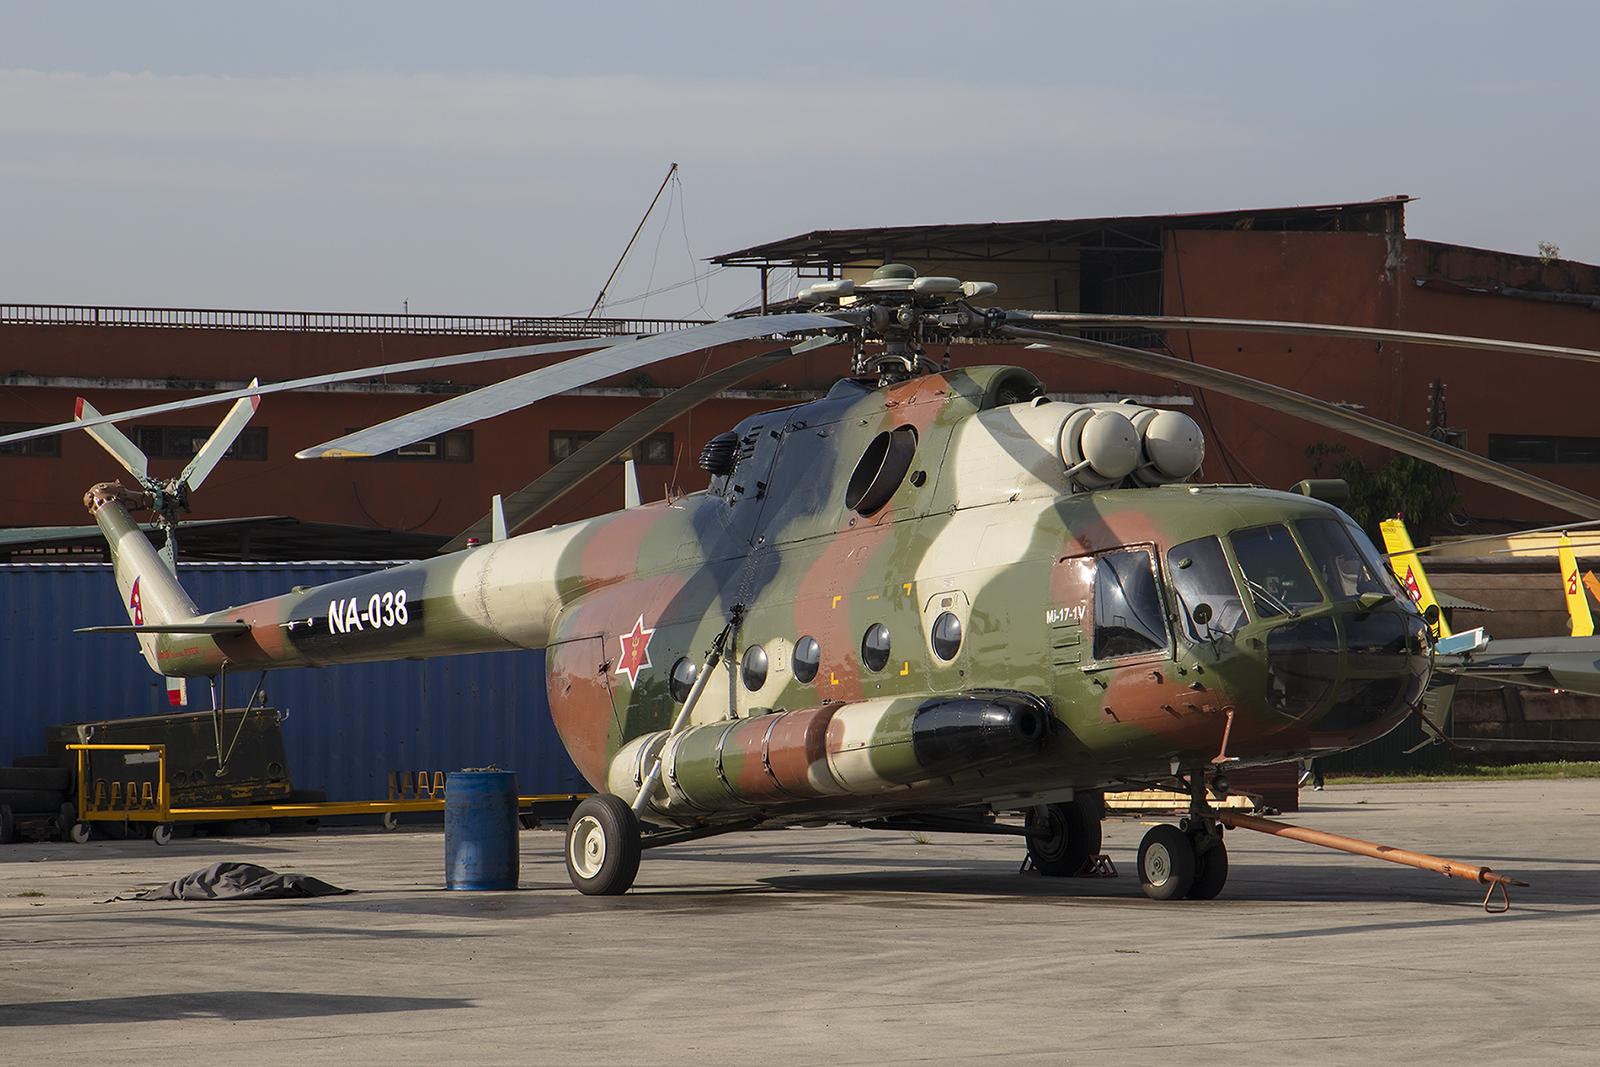 Kathmandu ist auch Militärstützpunkt, hier eine Mil Mi-17